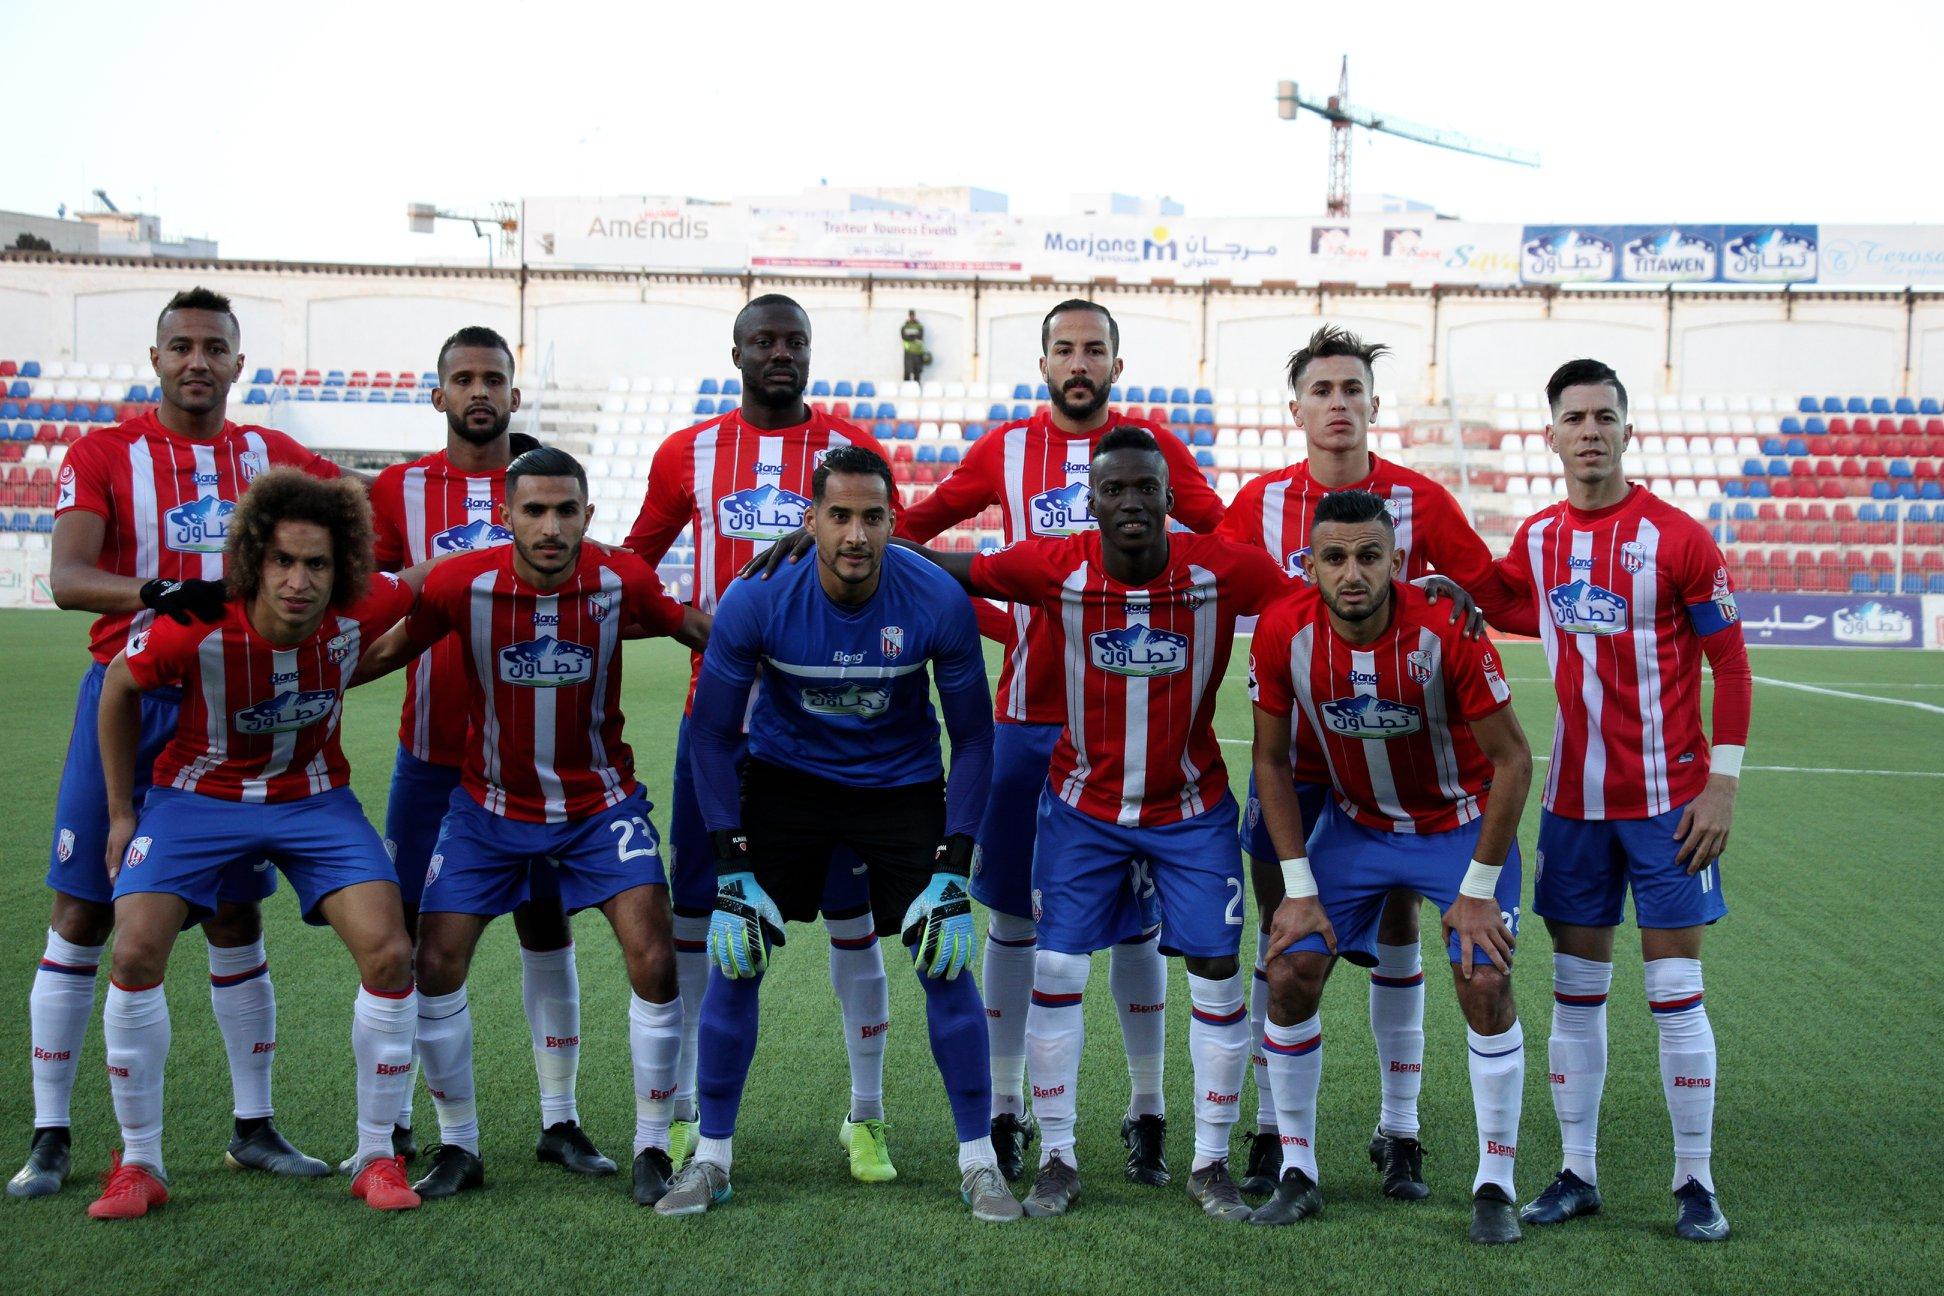 المغرب التطواني يستغني عن هؤلاء اللاعبين